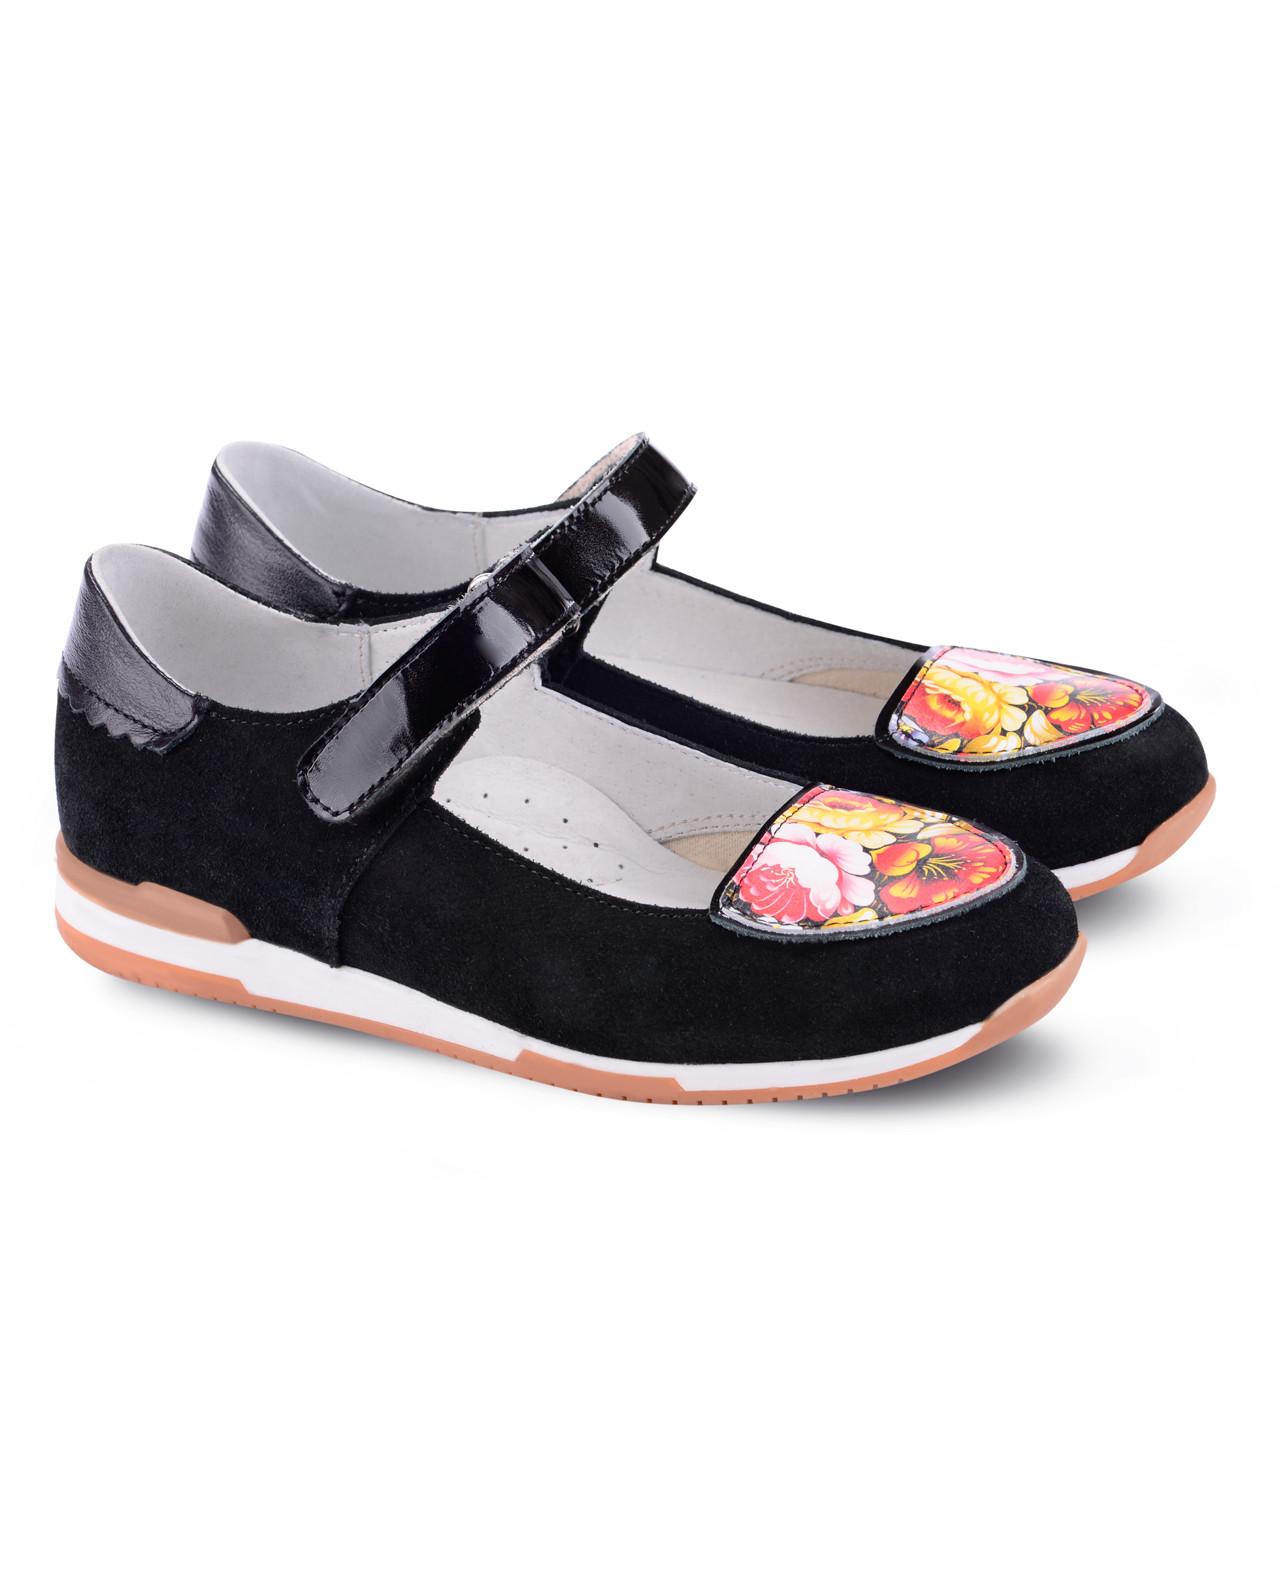 Туфли Детские, Tapiboo Этника (44507, 31 )Обувь для школы<br>Туфли. Красота и элегантность. Широкий, <br>устойчивый каблук, специальной конфигурации <br>«каблук Томаса». Каблук продлен с внутренней <br>стороны до середины стопы, чтобы исключить <br>вращение (заваливание) стопы вовнутрь (пронационный <br>компонент деформации, так называемая косолапость, <br>или вальгусная деформация). Многослойная, <br>анатомическая стелька со сводоподдерживающим <br>элементом для правильного формирования <br>стопы. Благодаря использованию современных <br>внутренних материалов позволяет оптимально <br>распределить нагрузку по всей площади стопы <br>и свести к минимуму ее ударную составляющую. <br>Жесткий фиксирующий задник надежно стабилизирует <br>голеностопный сустав во время ходьбы. Подкладка <br>из натуральной кожи обладает повышенной <br>износостойкостью в сочетании с мягкостью <br>и отличной способностью пропускать воздух <br>для создания оптимального температурного <br>режима (нога не потеет).<br>Размер INT: M; Цвет: Красный; Ширина: 100; Высота: 200; Вес: 1000;